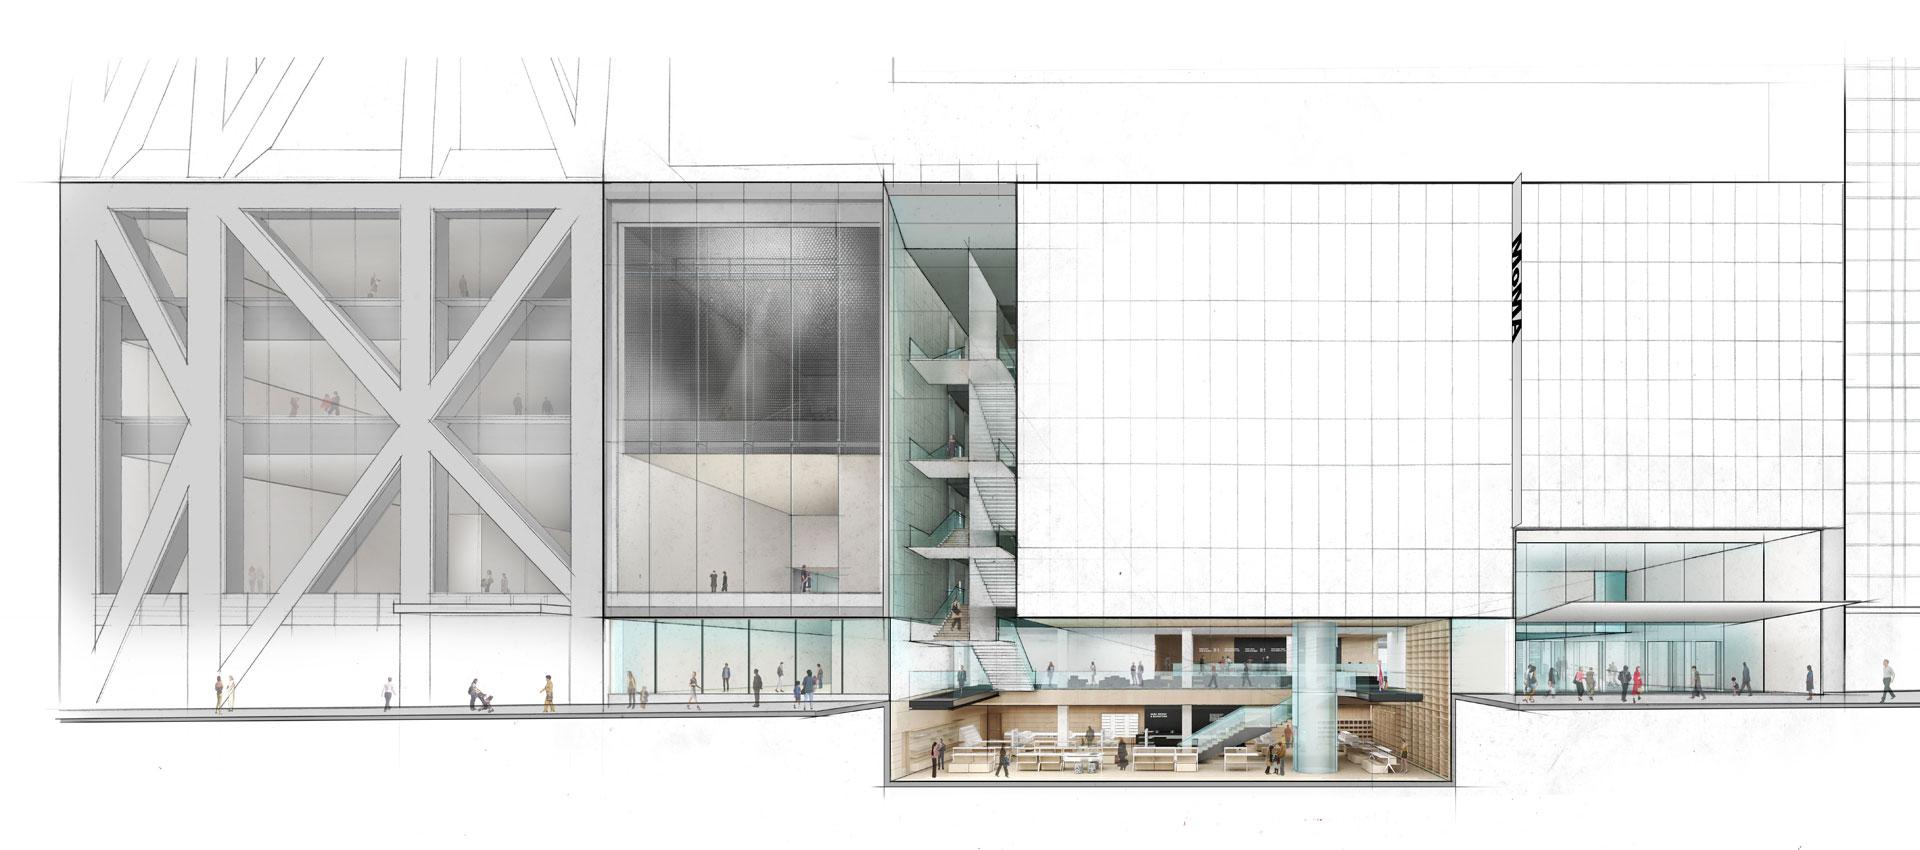 Alzado del Museo de Arte Moderno en la calle 53. Sección por debajo del nivel de la calle. Imagen © 2017 Diller Scofidio + Renfro